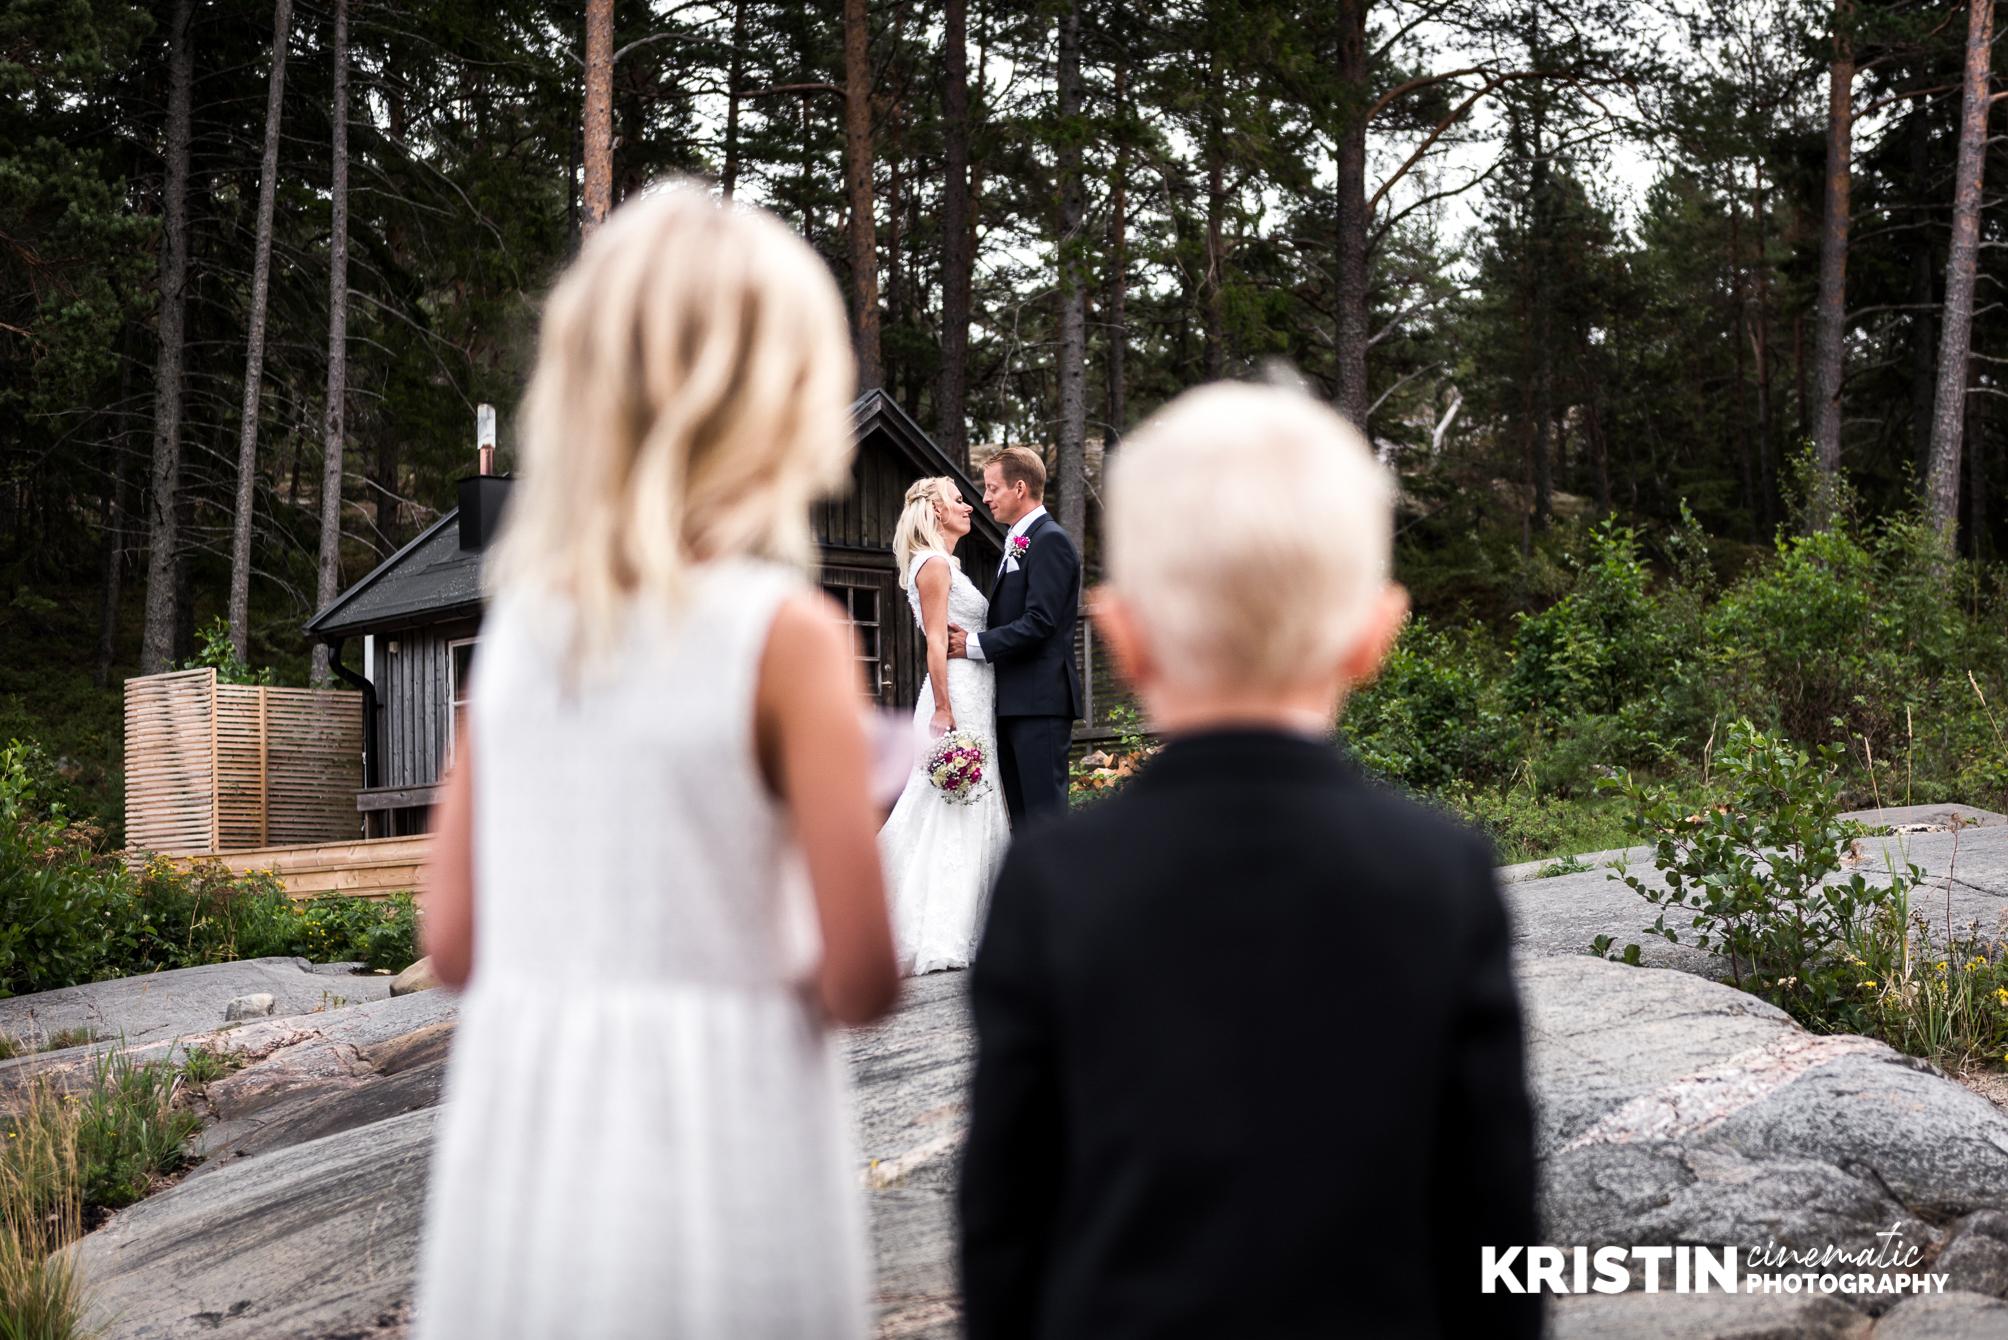 Bröllopsfotograf i Eskilstuna Kristin - Photography-15.jpg